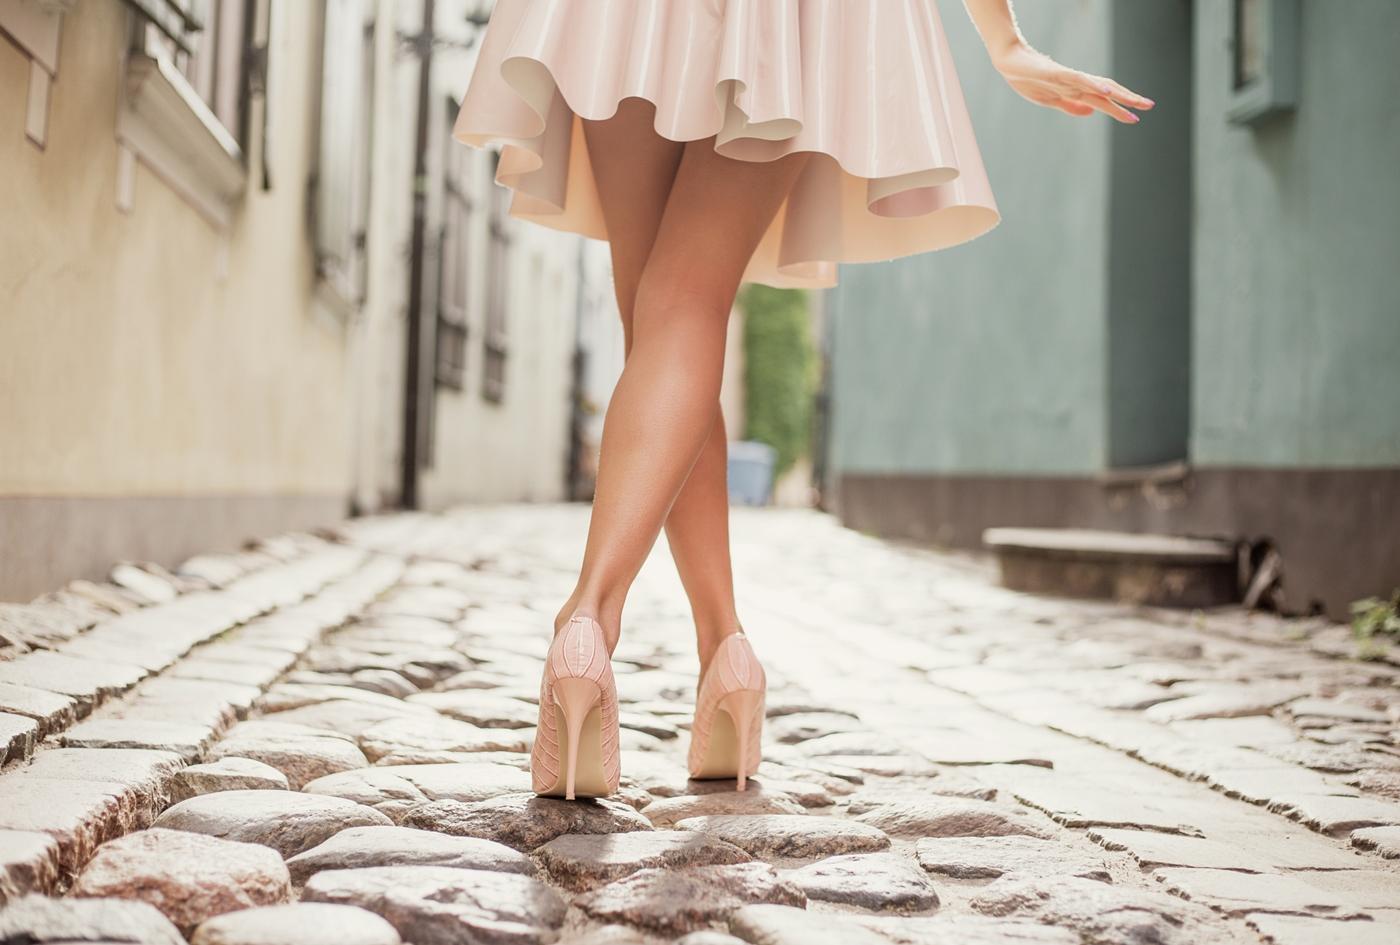 ピンクのミニスカート履いた女性の脚